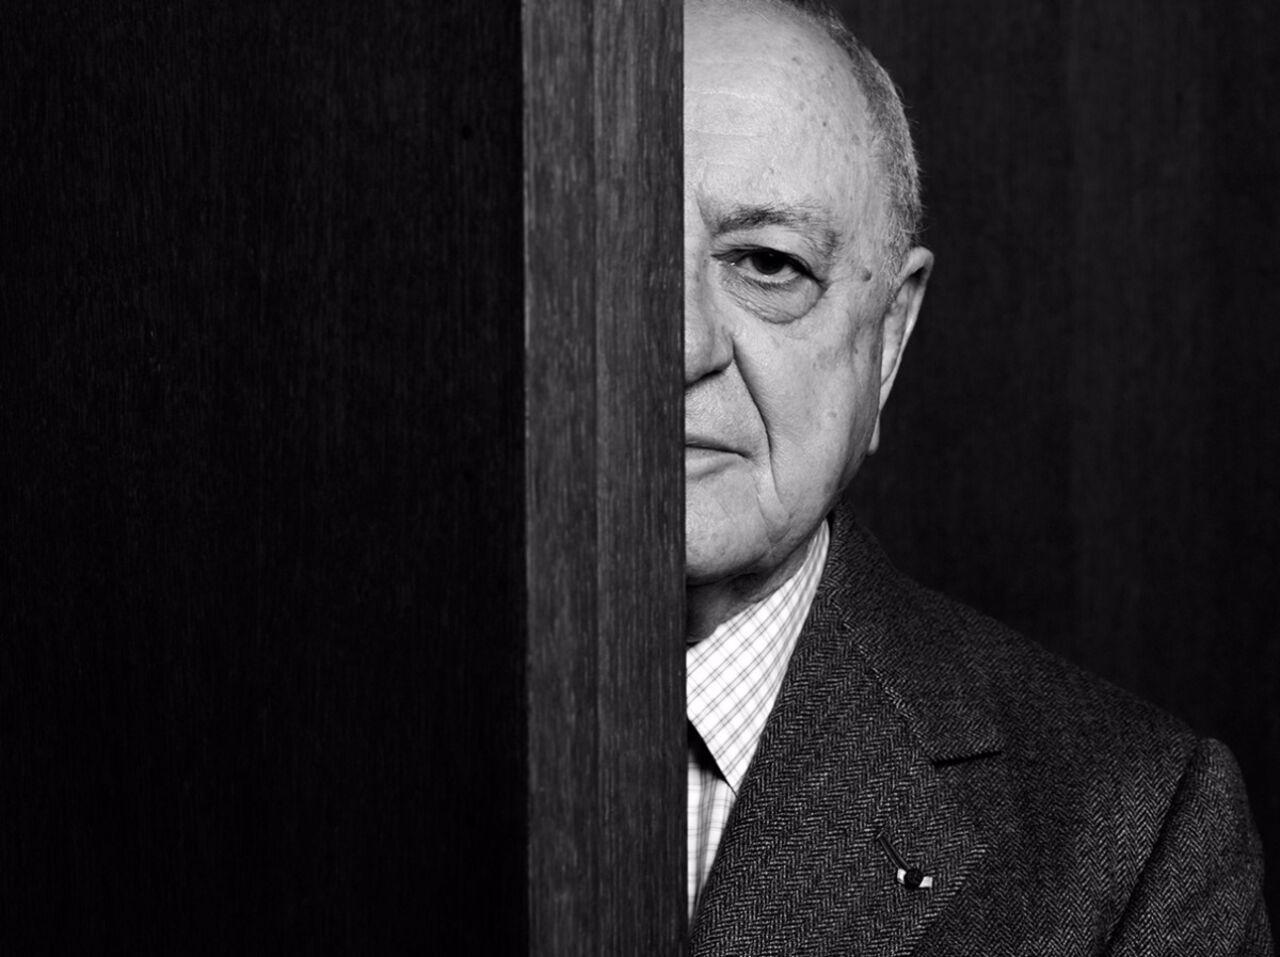 Скончался сооснователь Yves Saint Laurent— Пьер Берже